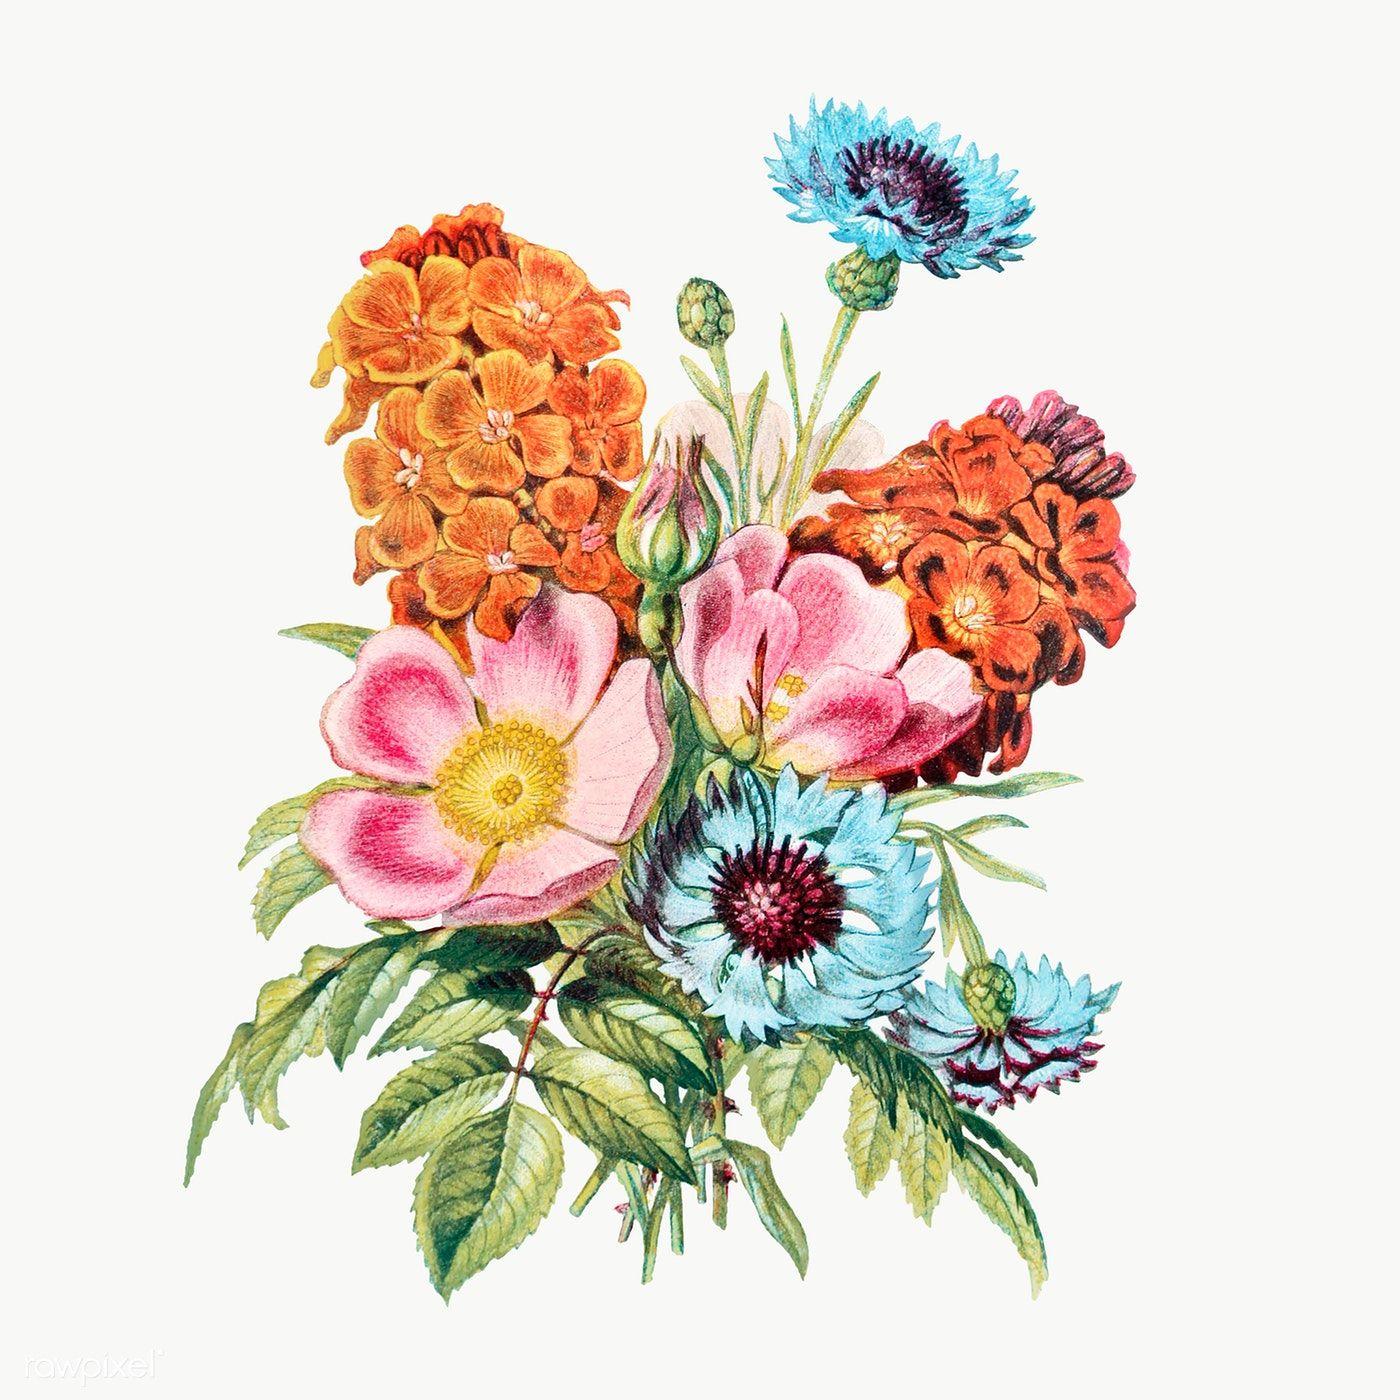 Vintage Flower Bouquet Transparent Png Premium Image By Rawpixel Com Flower Bouquet Drawing Flower Illustration Summer Flower Bouquet